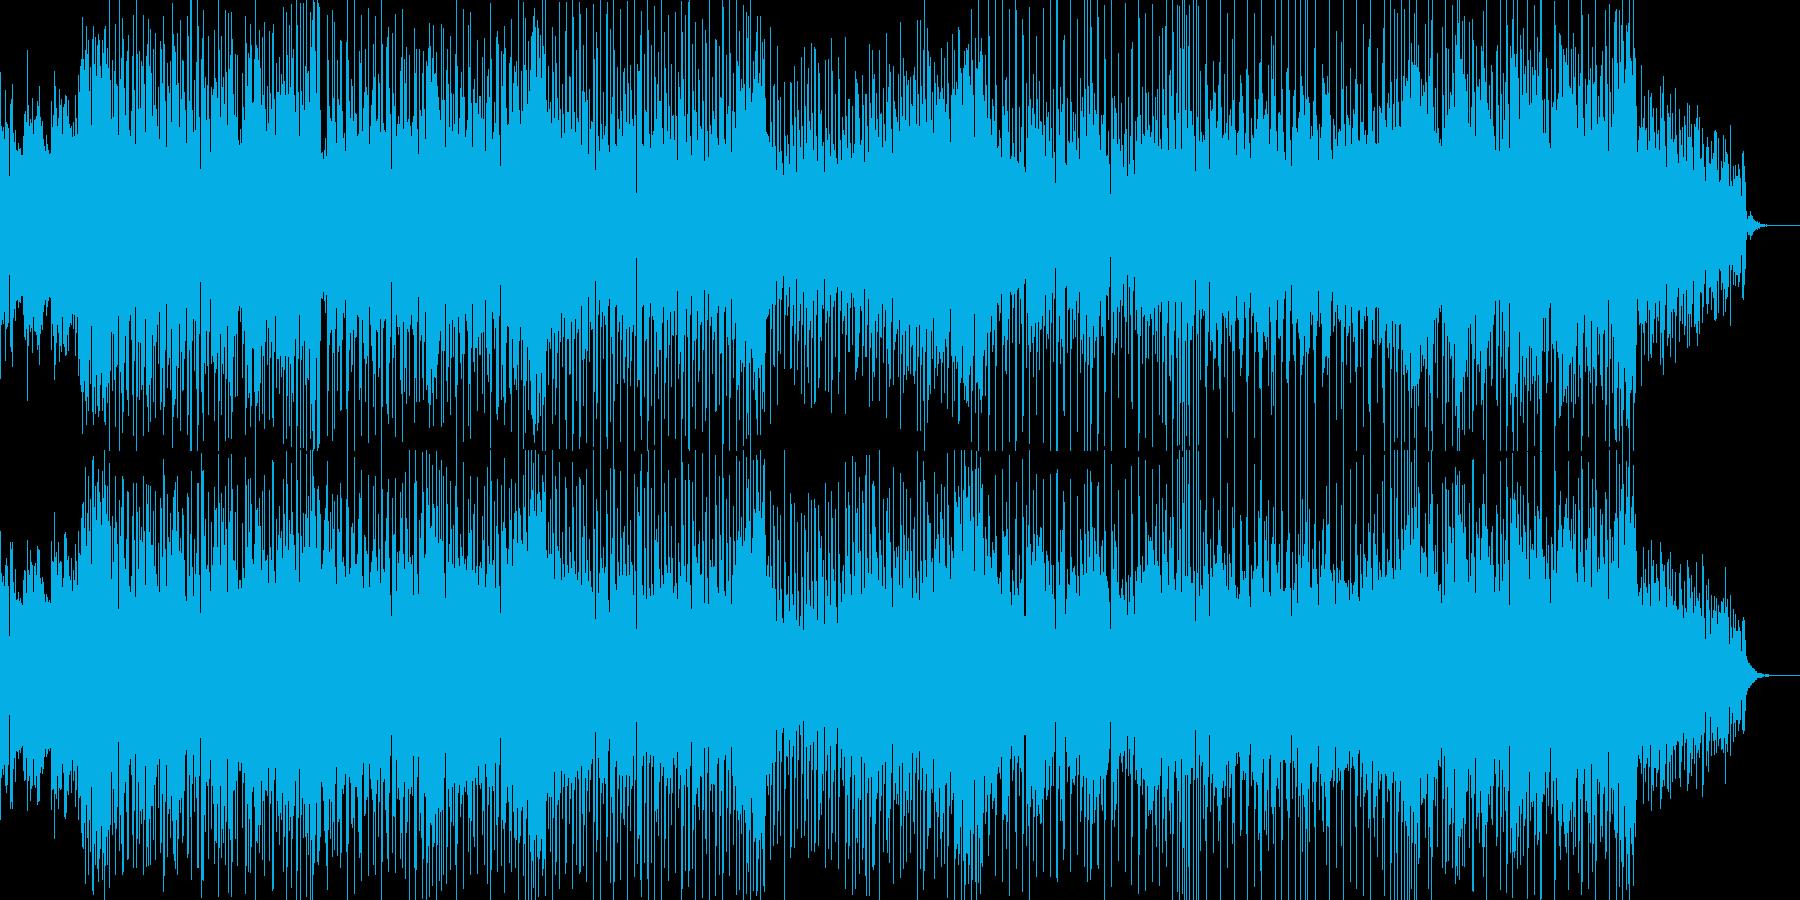 シンセアルペジオが印象的な疾走感のある曲の再生済みの波形